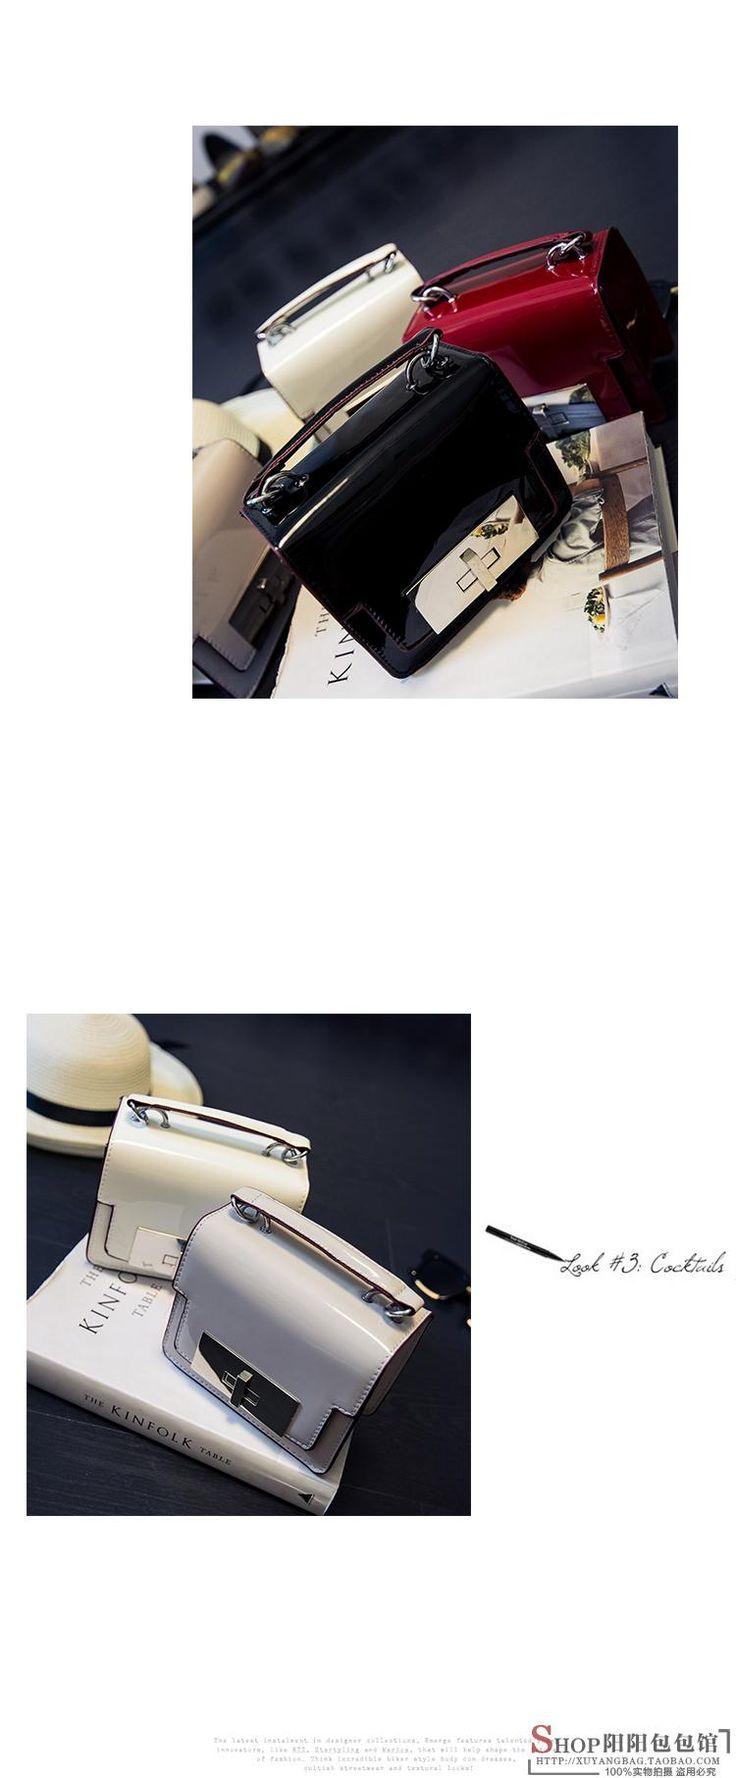 Nova moda mini sacos de mulheres pequeno flap bloqueio de todos os jogo capa bolsas senhoras ombro crossbody satchel sacos mulheres mensageiro sacos a167 em Bolsas de Ombro de Bagagem & Bags no AliExpress.com | Alibaba Group